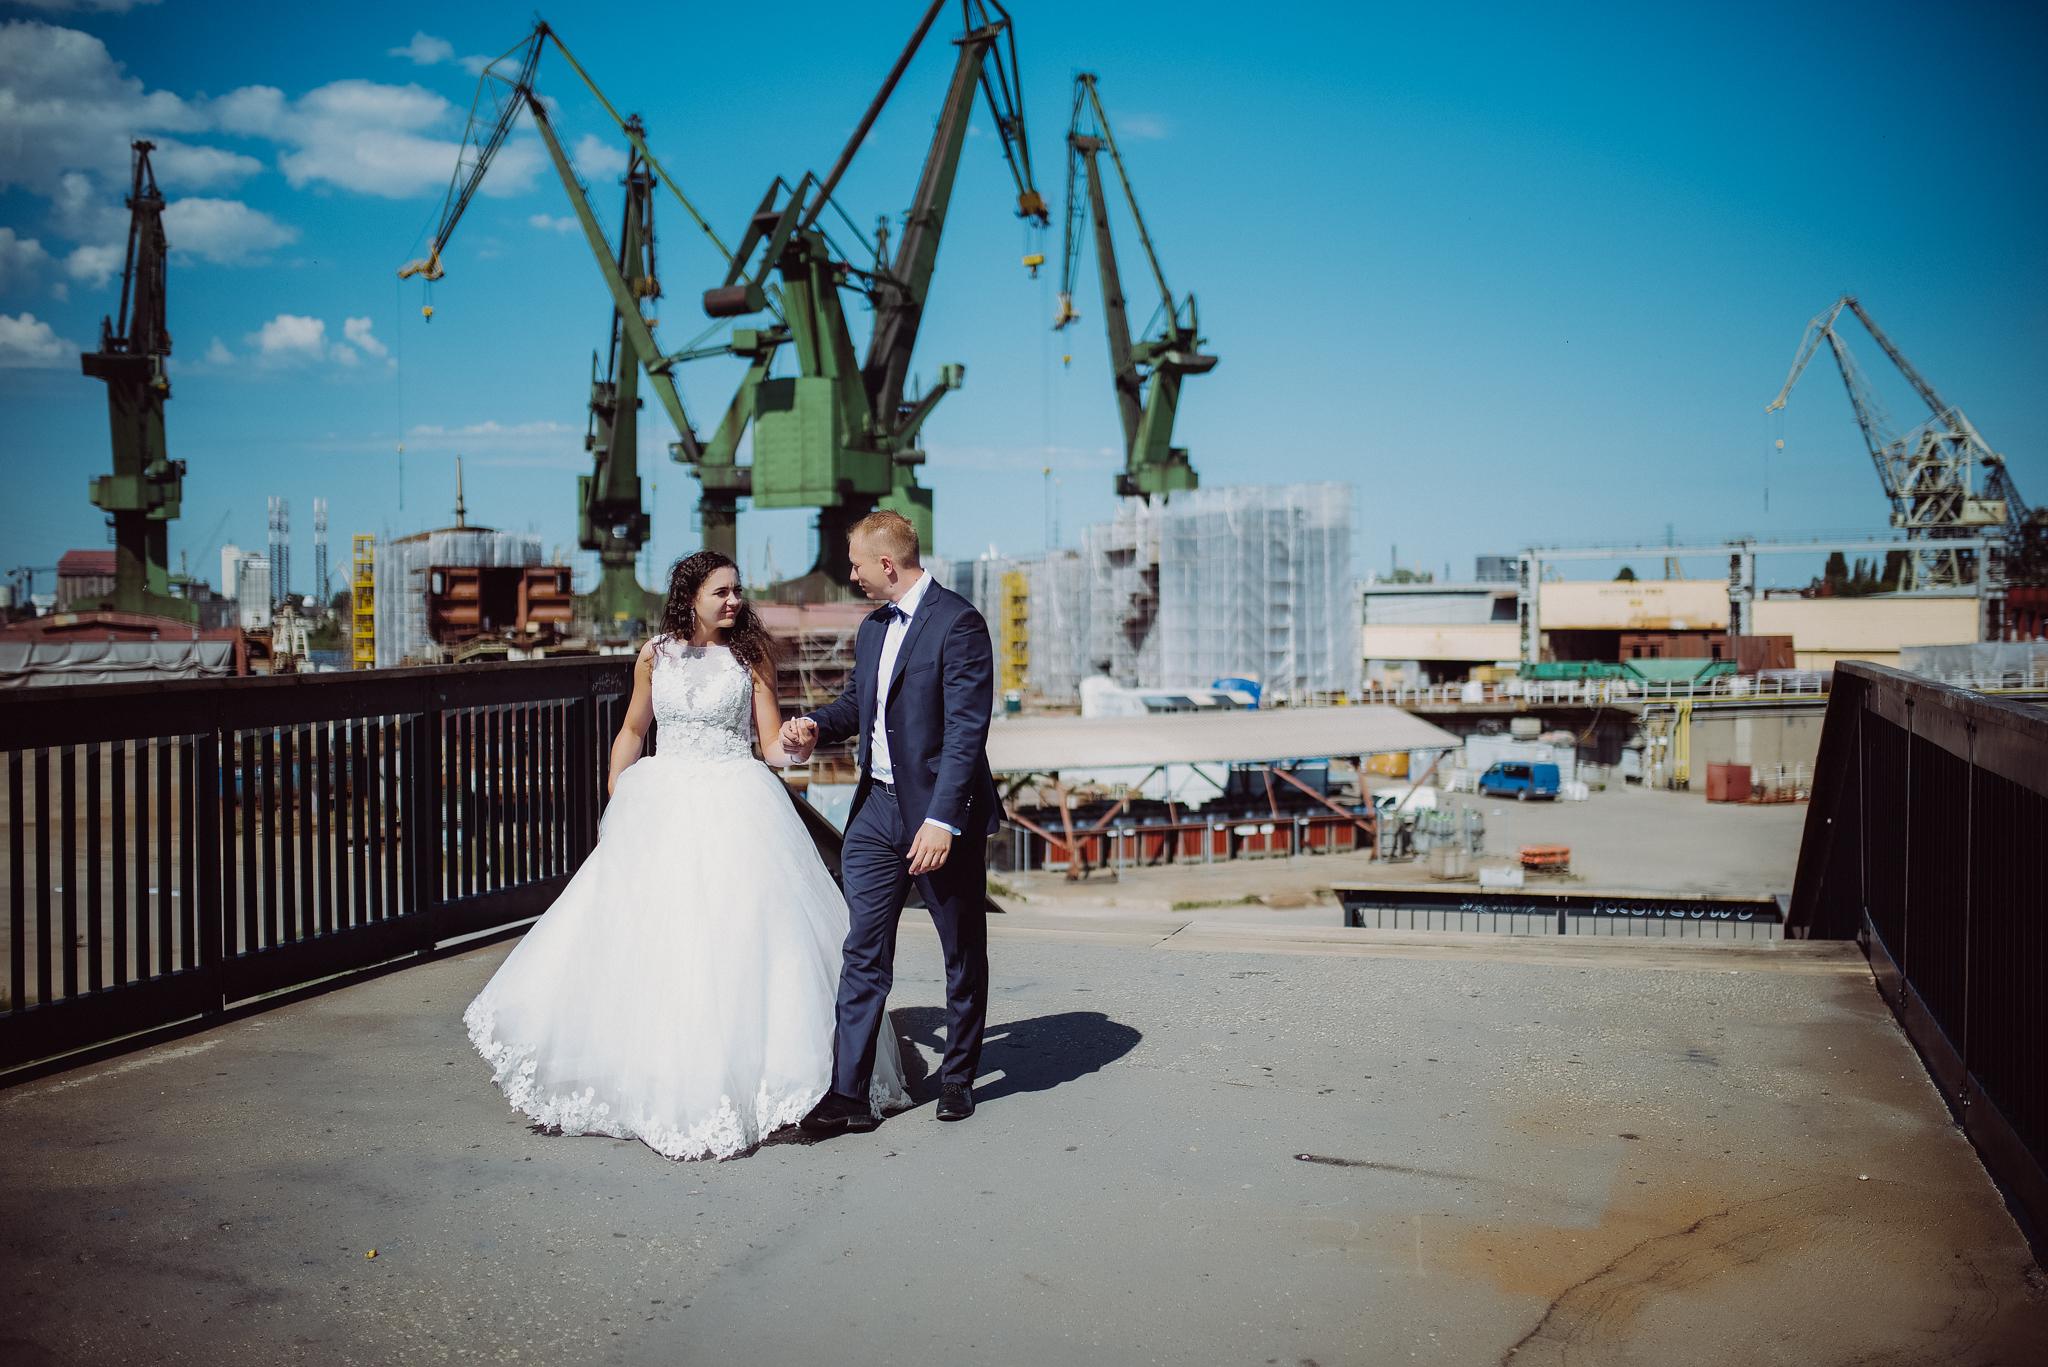 0595_Kamila&Dawid________plener_slubny_sesja_poslubna_morze_baltyk_gdynia_gdansk_rzucewo_klif_chlapowo_____fotografia_slubna_www_amfoto_pl_AMF_3857.jpg